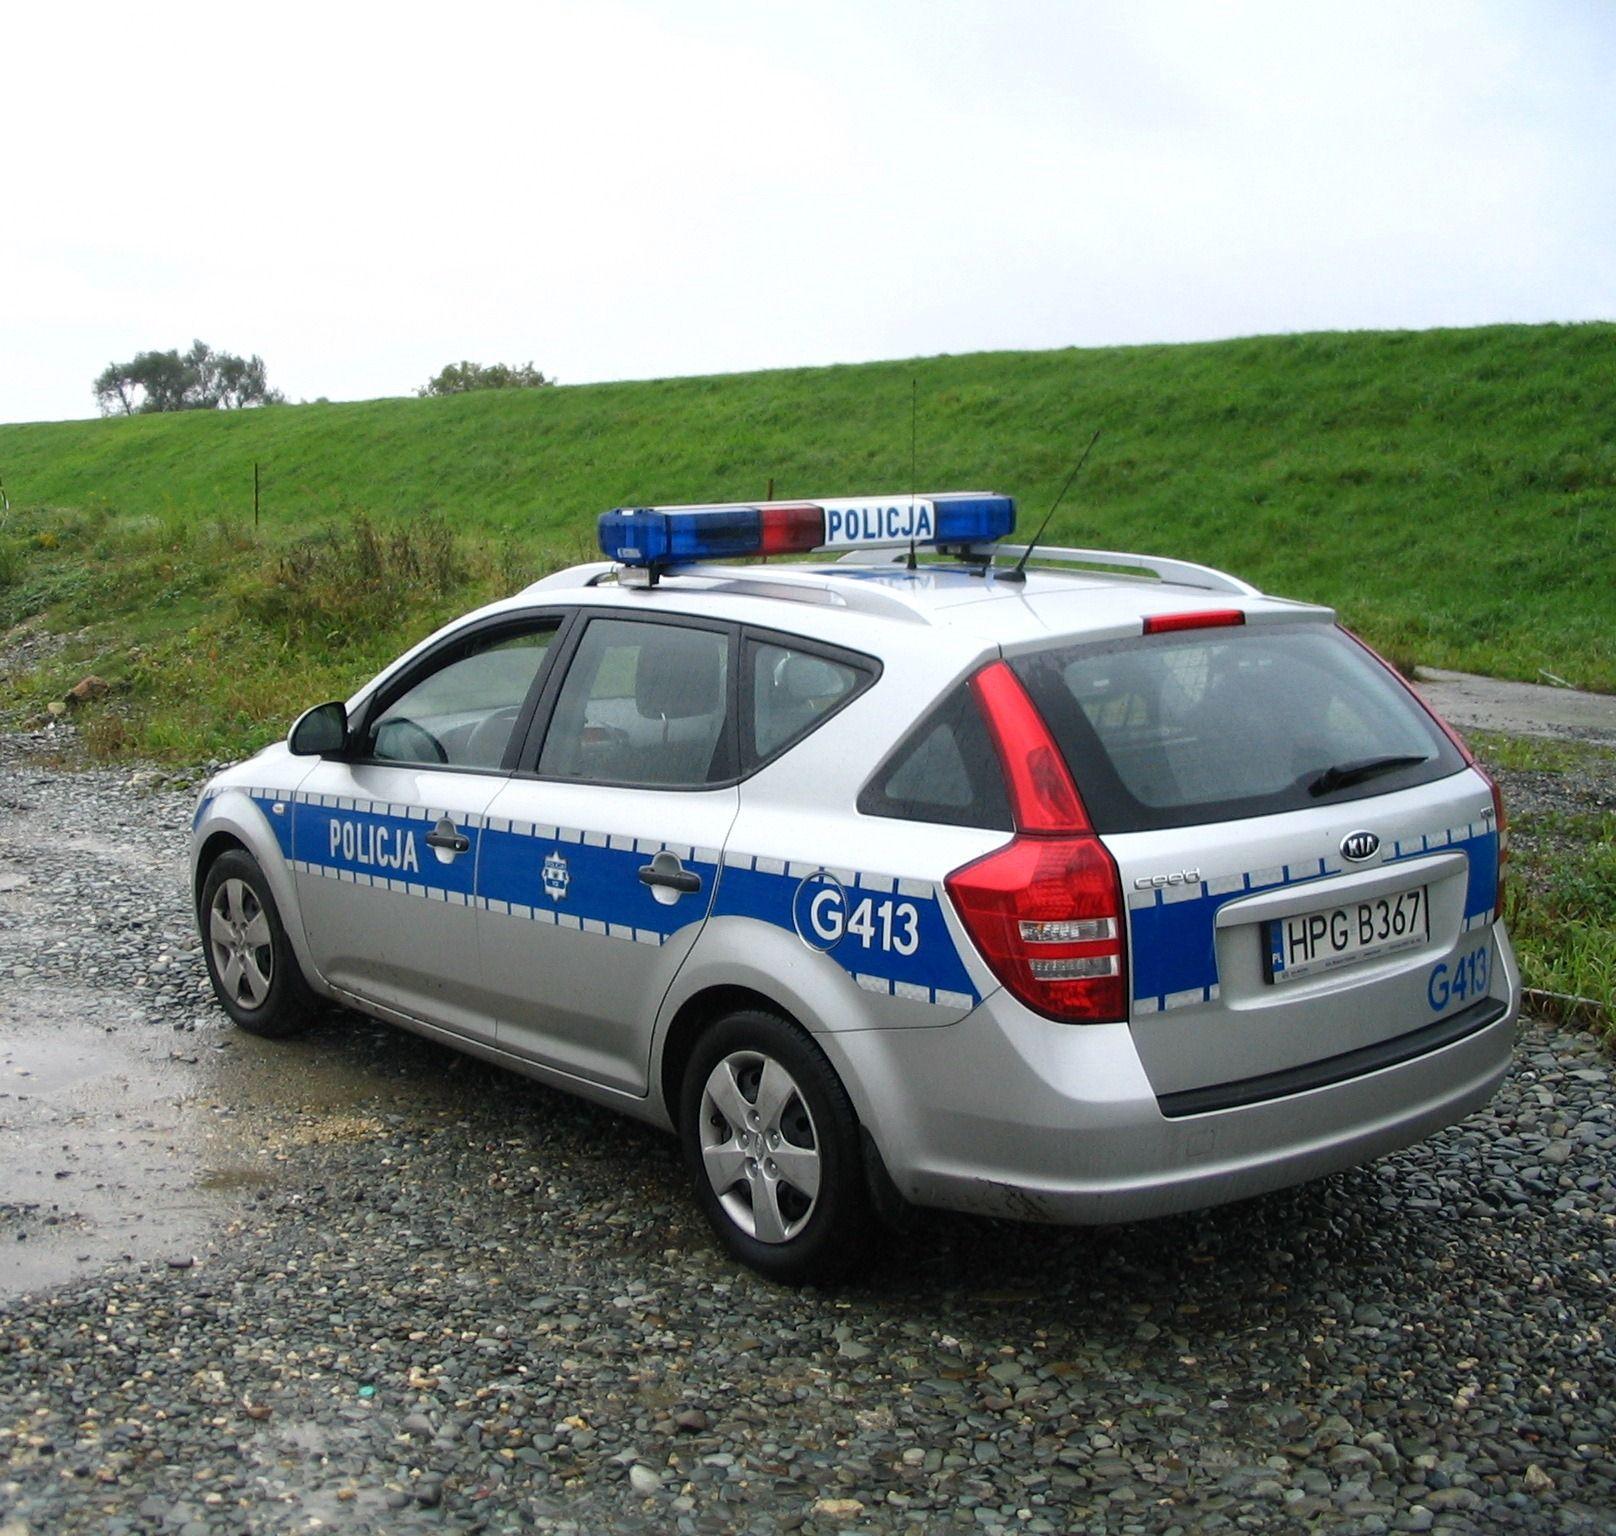 Trzy kolizje, policja poszukuje świadków